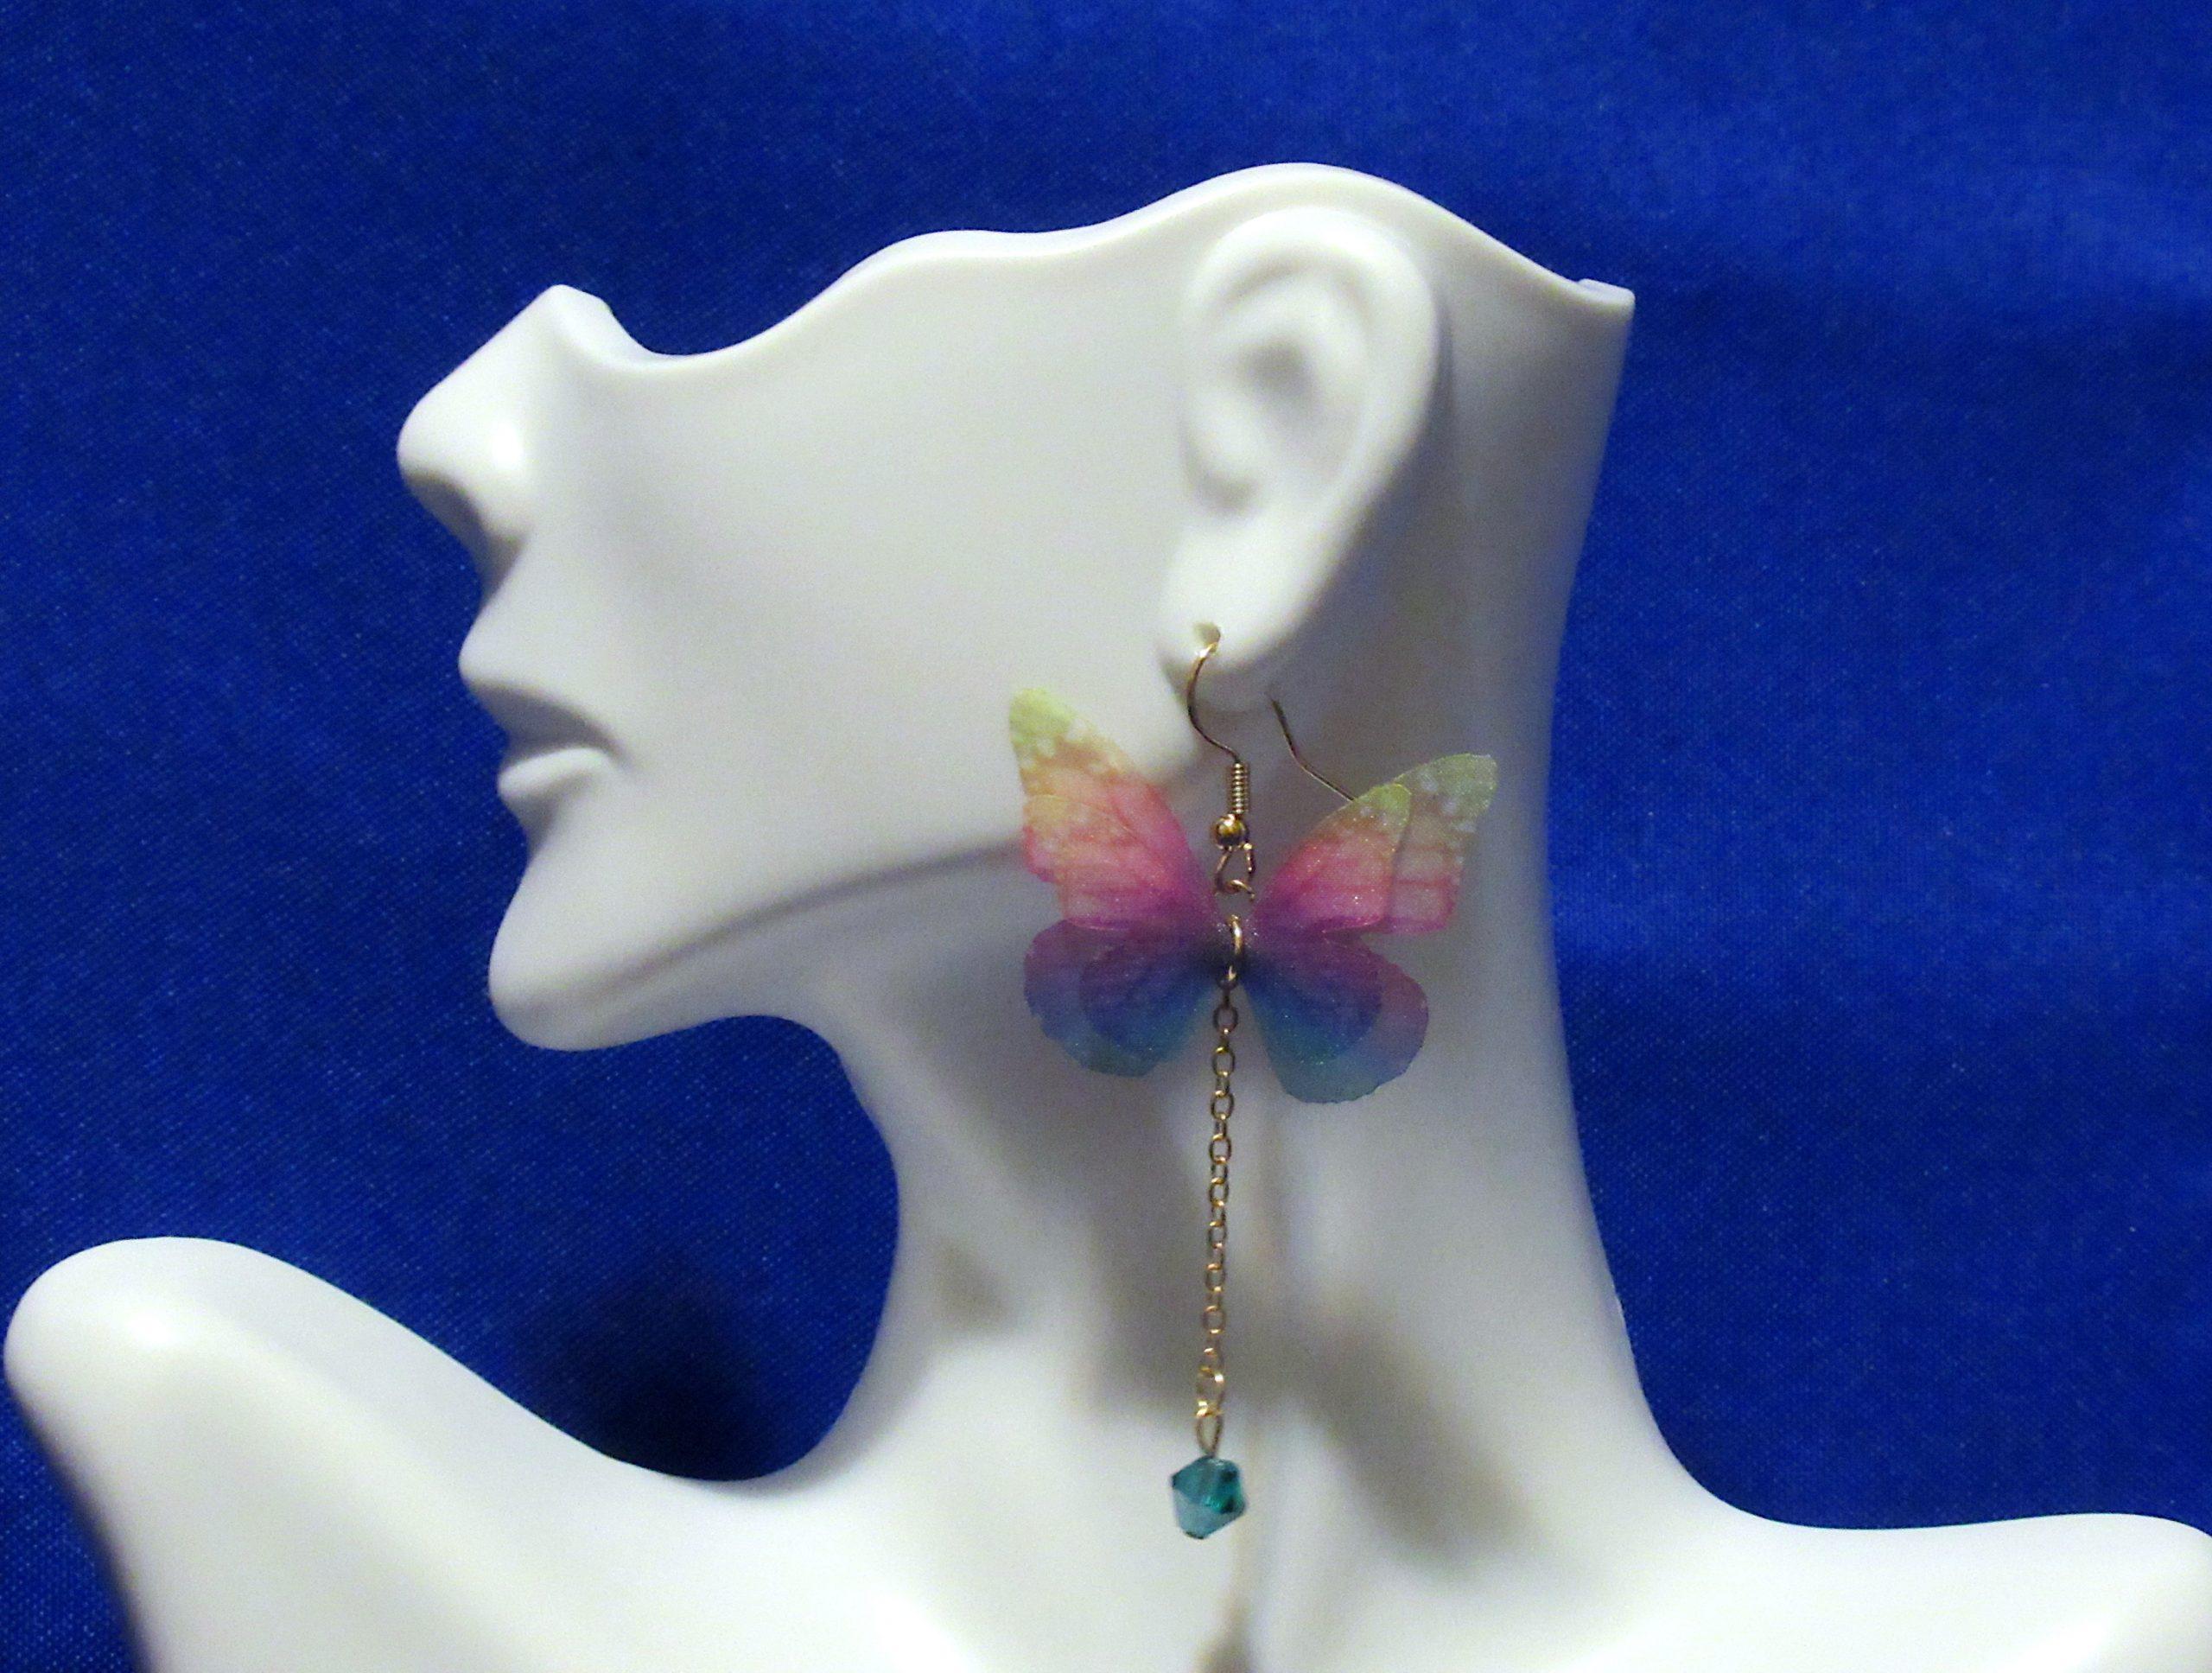 Butterfly-earrings_rainbow3-1-scaled-1.jpg